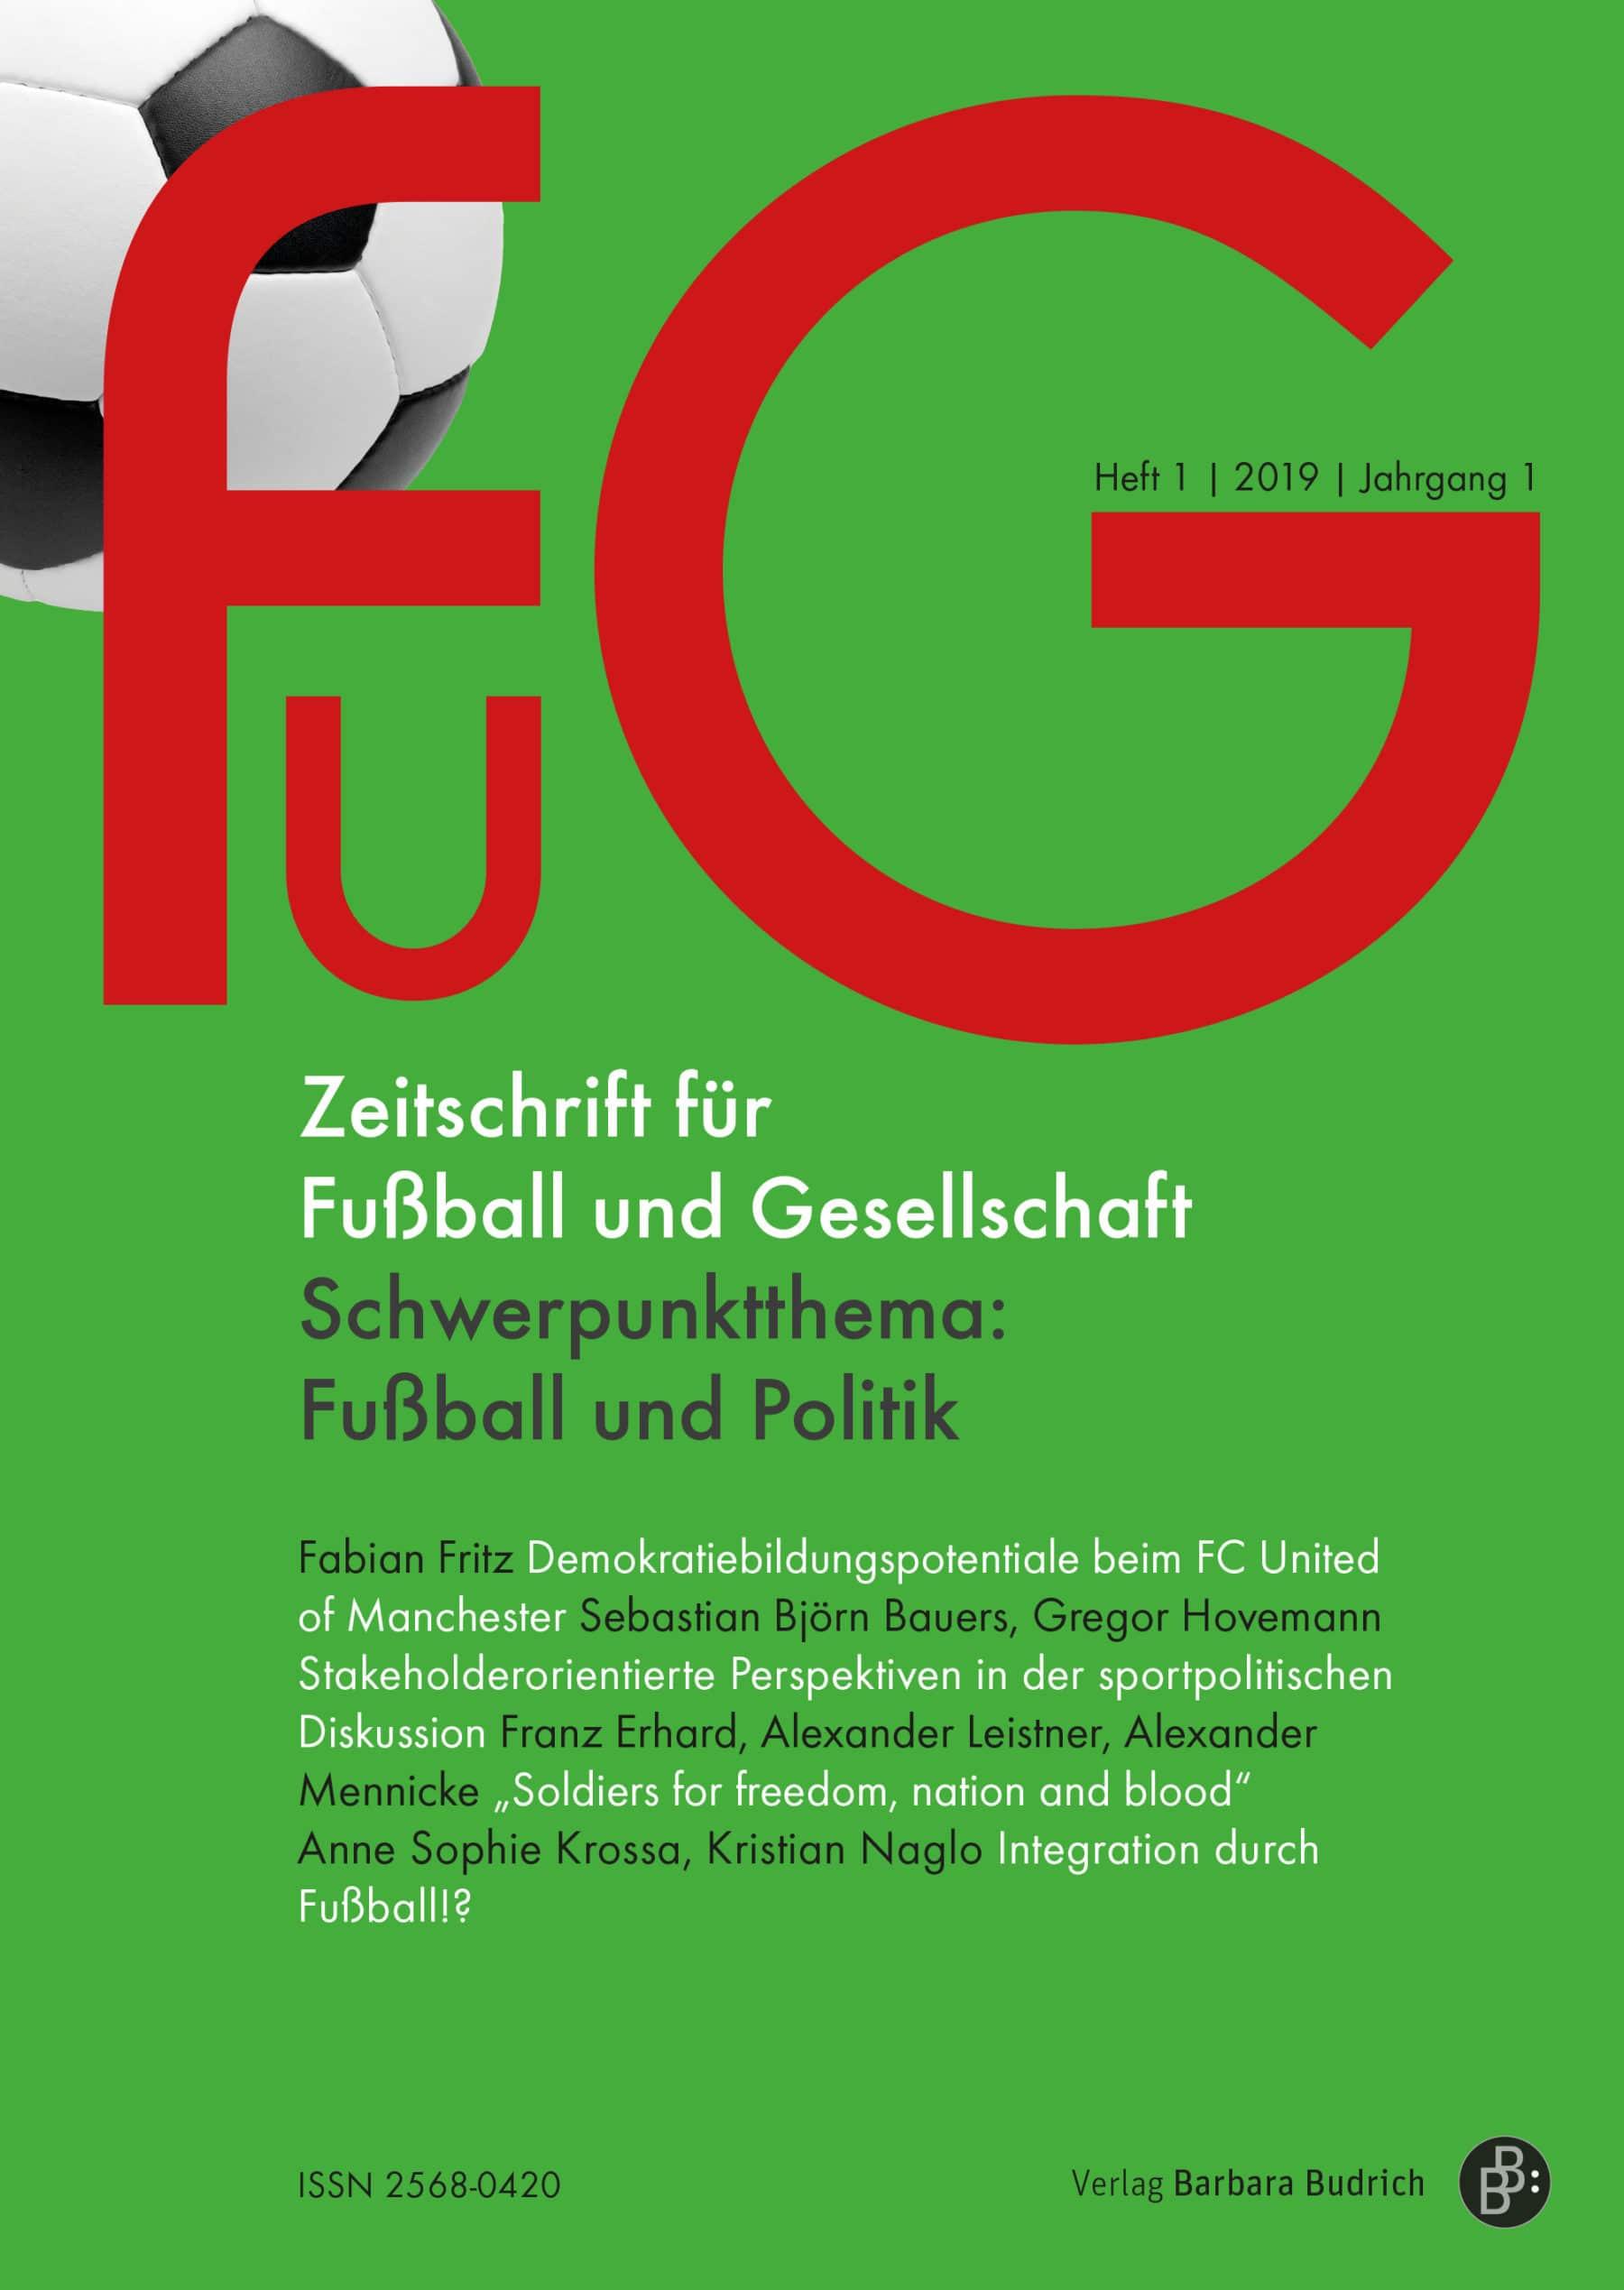 FuG – Zeitschrift für Fußball und Gesellschaft 1-2019: Fußball und Politik